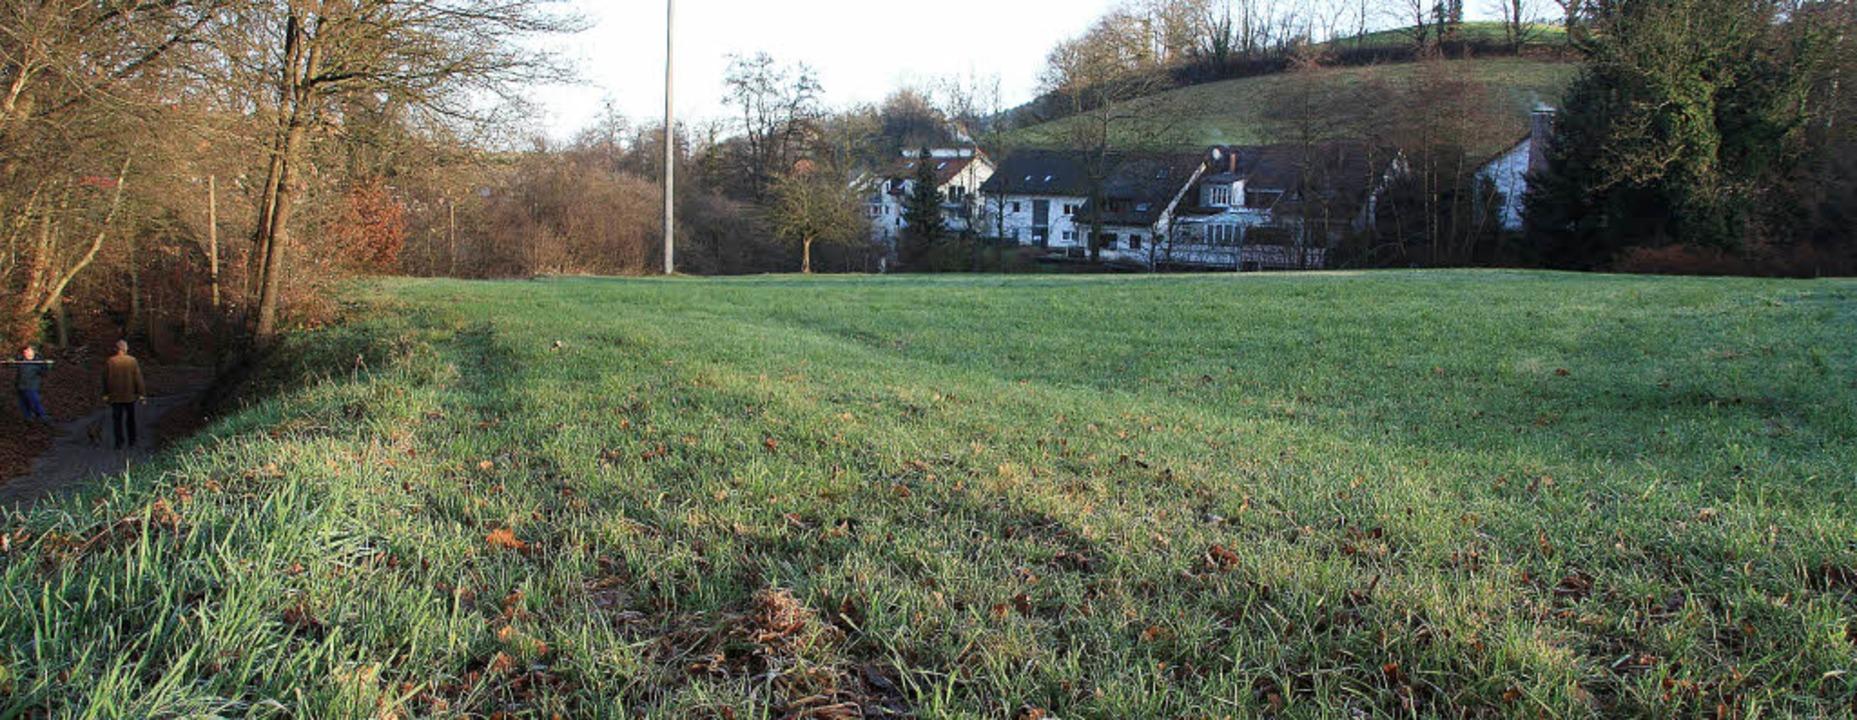 Auf dieser Wiese am südlichen Siedlung...u soll ein Rückhaltebecken entstehen.   | Foto: Silvia faller